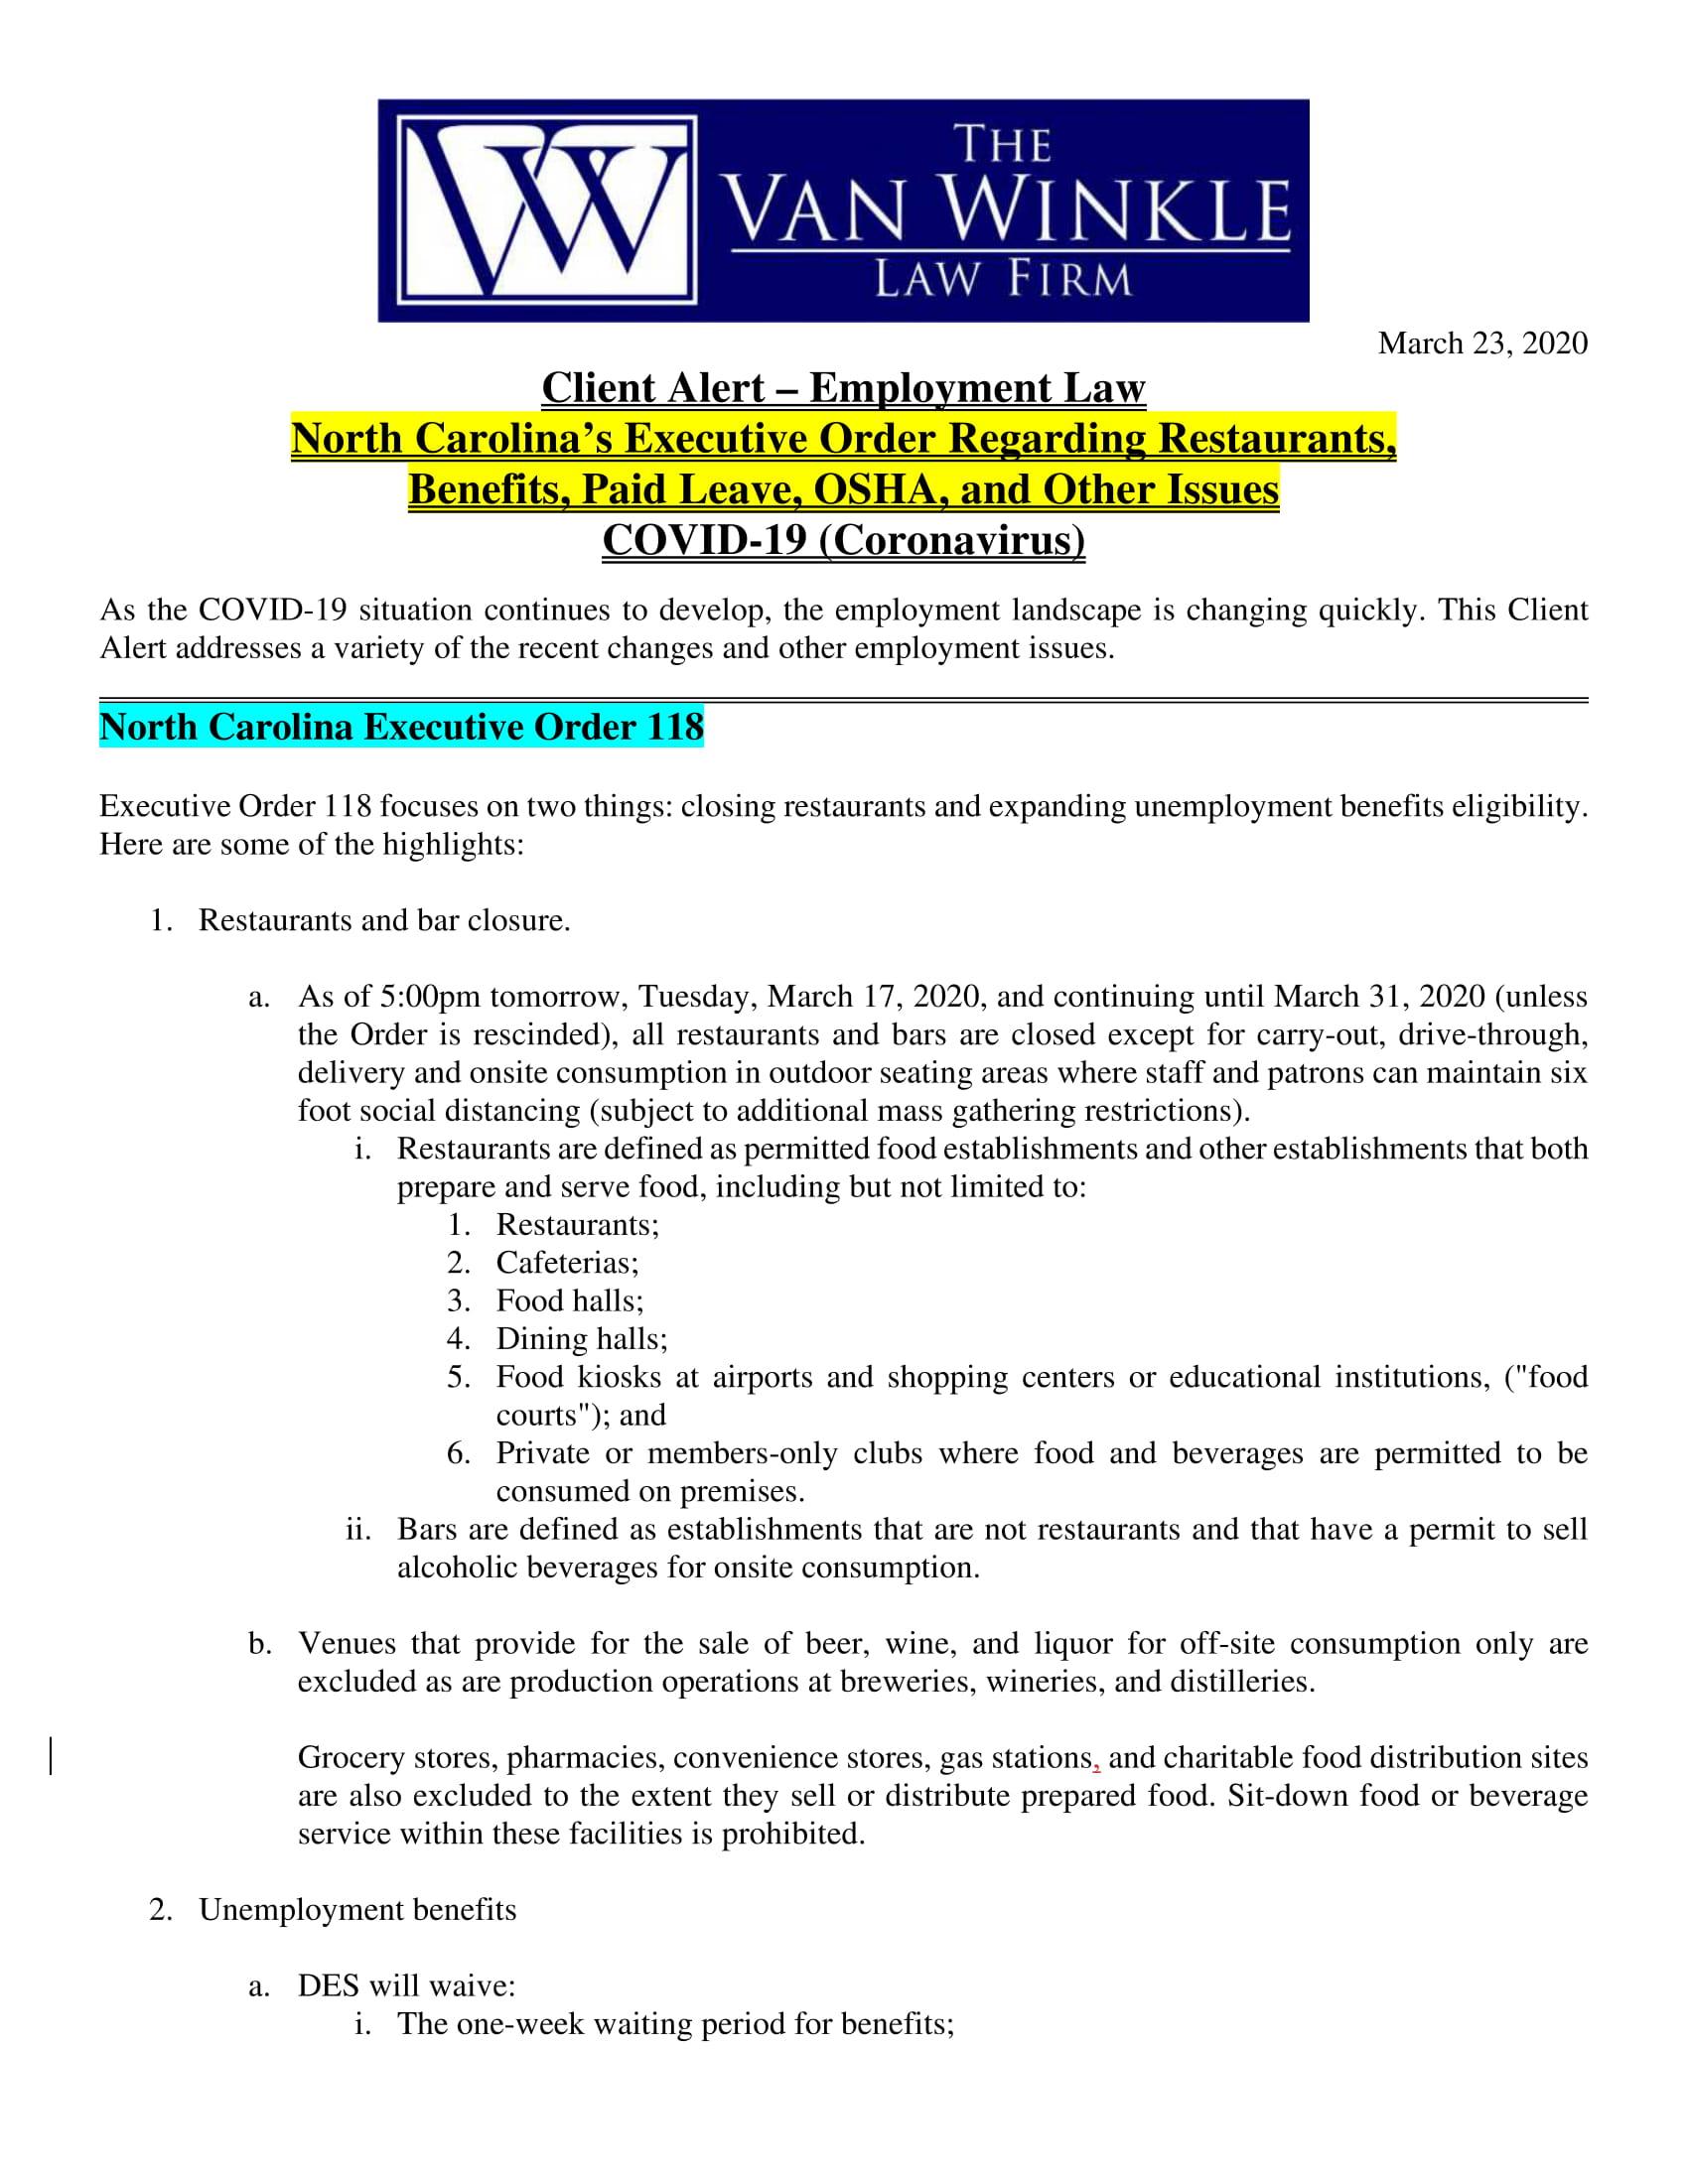 North Carolina's Executive Order Page 1